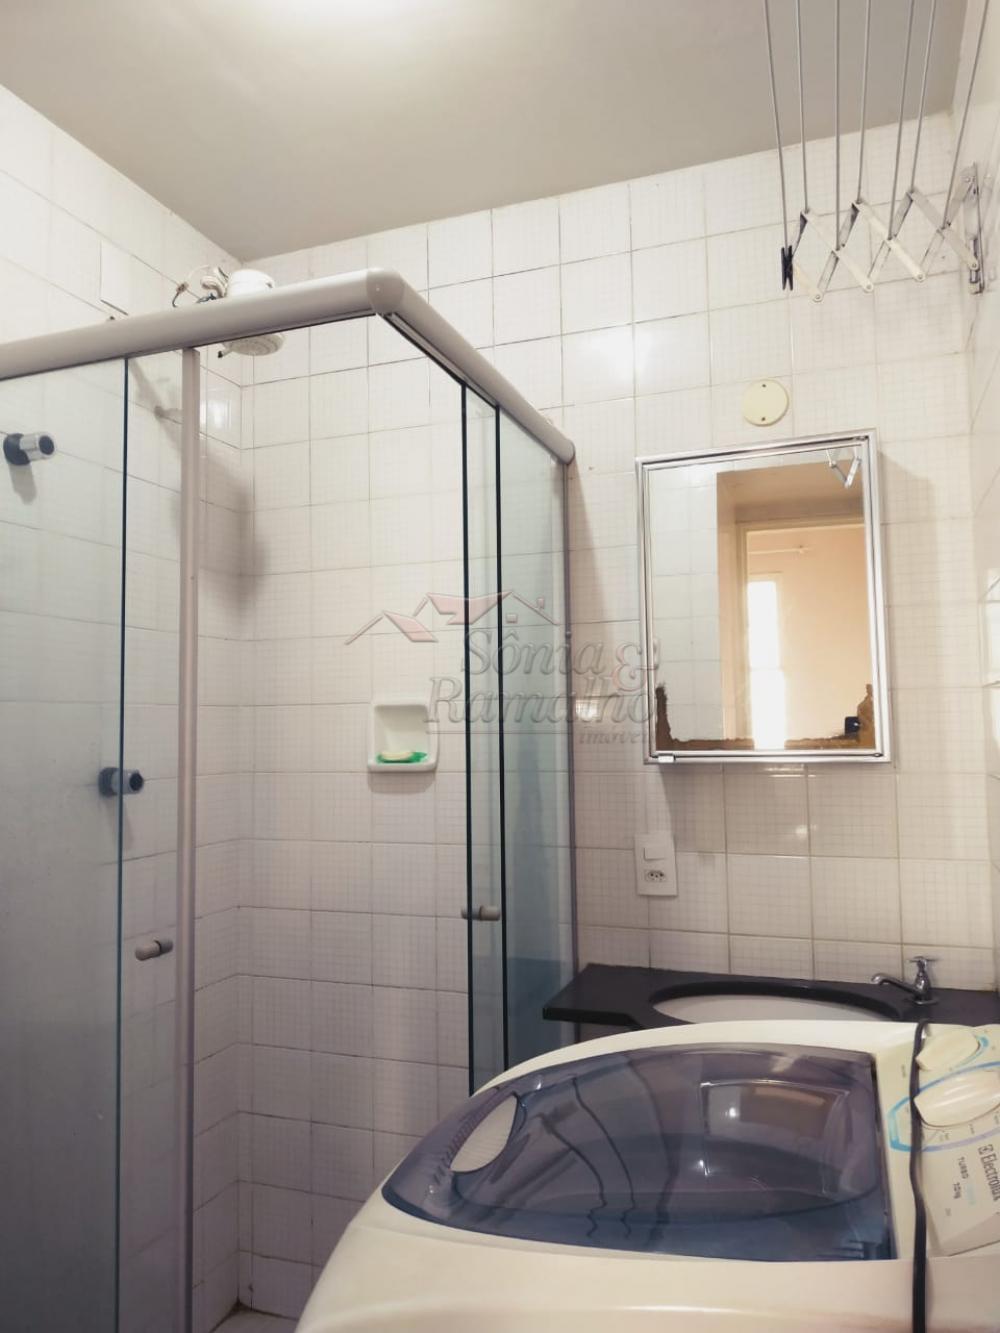 Comprar Apartamentos / Kitchnet em Ribeirão Preto apenas R$ 80.000,00 - Foto 6